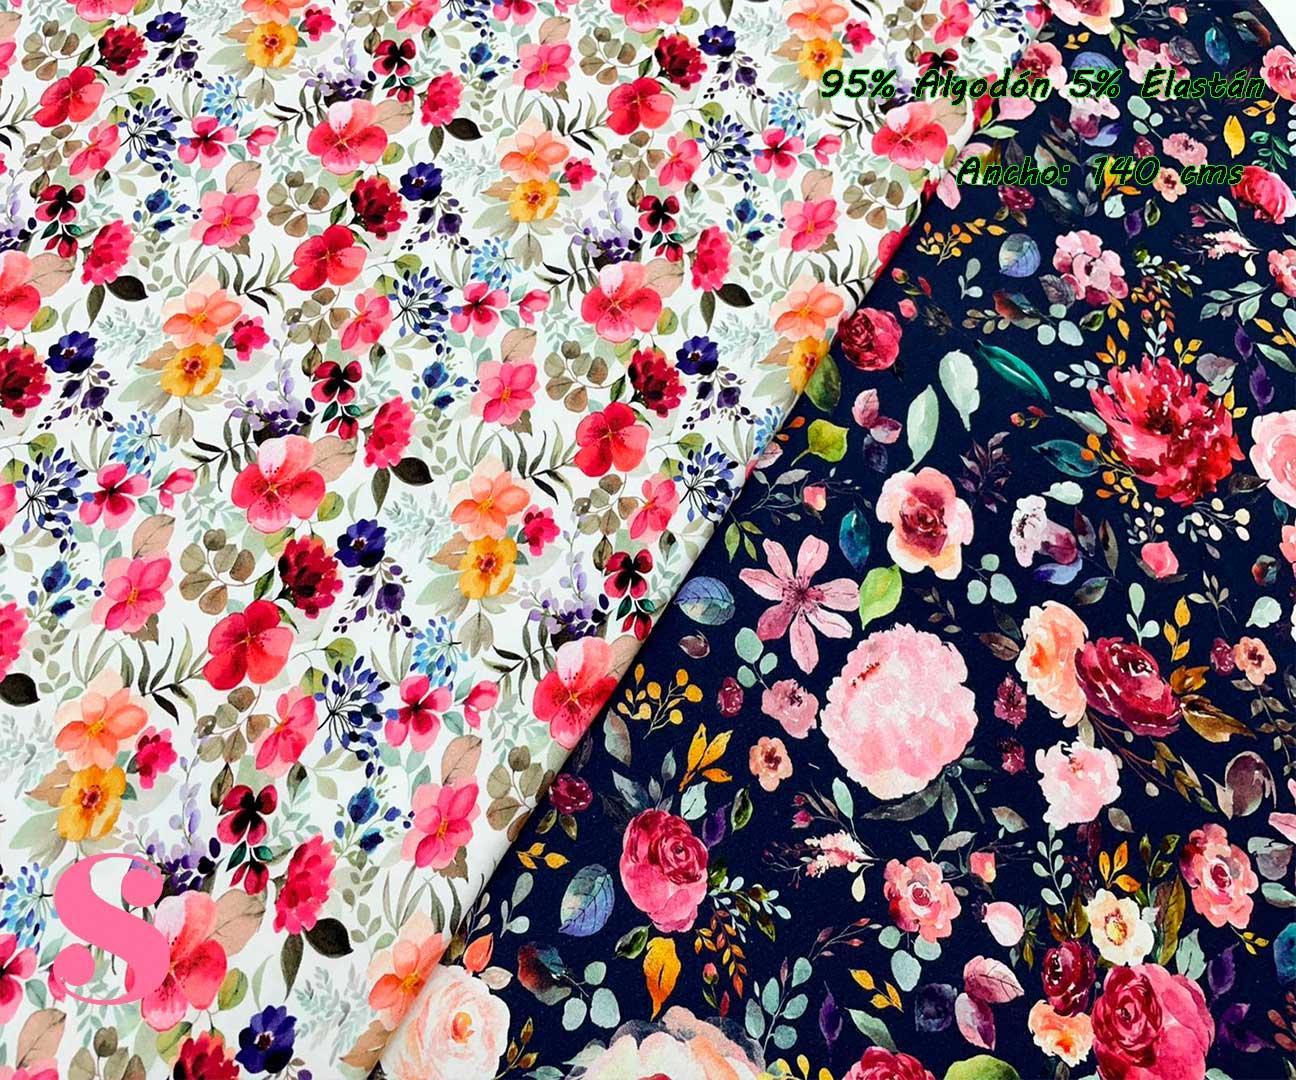 34-telas-de-punto,telas-estampadas-infantiles,tejidos-estampados-para-sudaderas,telas-para-confeccionar-ropa-infantil,Punto Camiseta Jersey Estampado Flores fondo Marino,Punto Camiseta Jersey Estampado Flores fondo Blanco